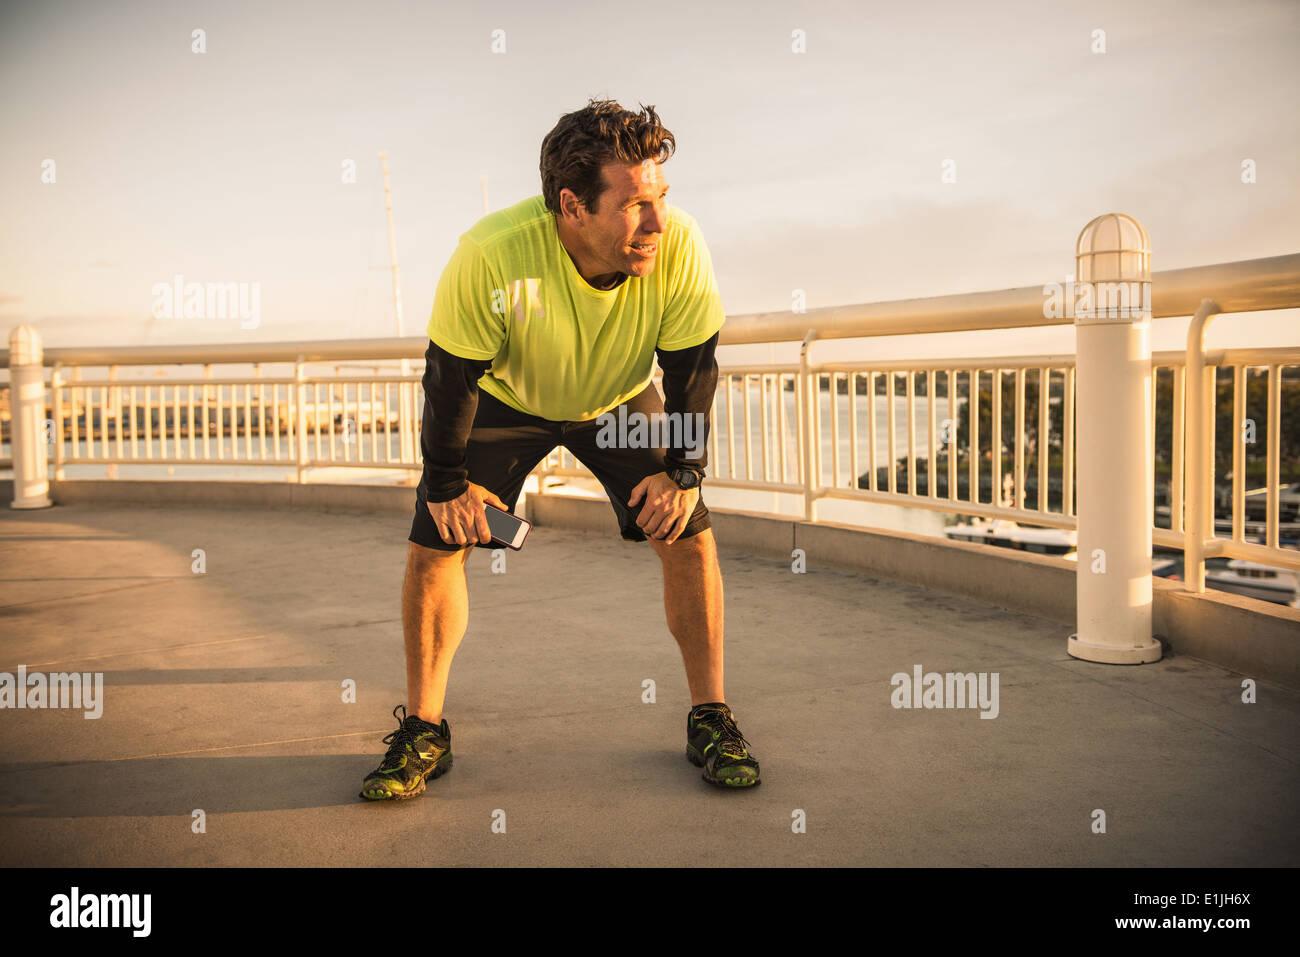 Agotado corredor masculino tomando un descanso Imagen De Stock